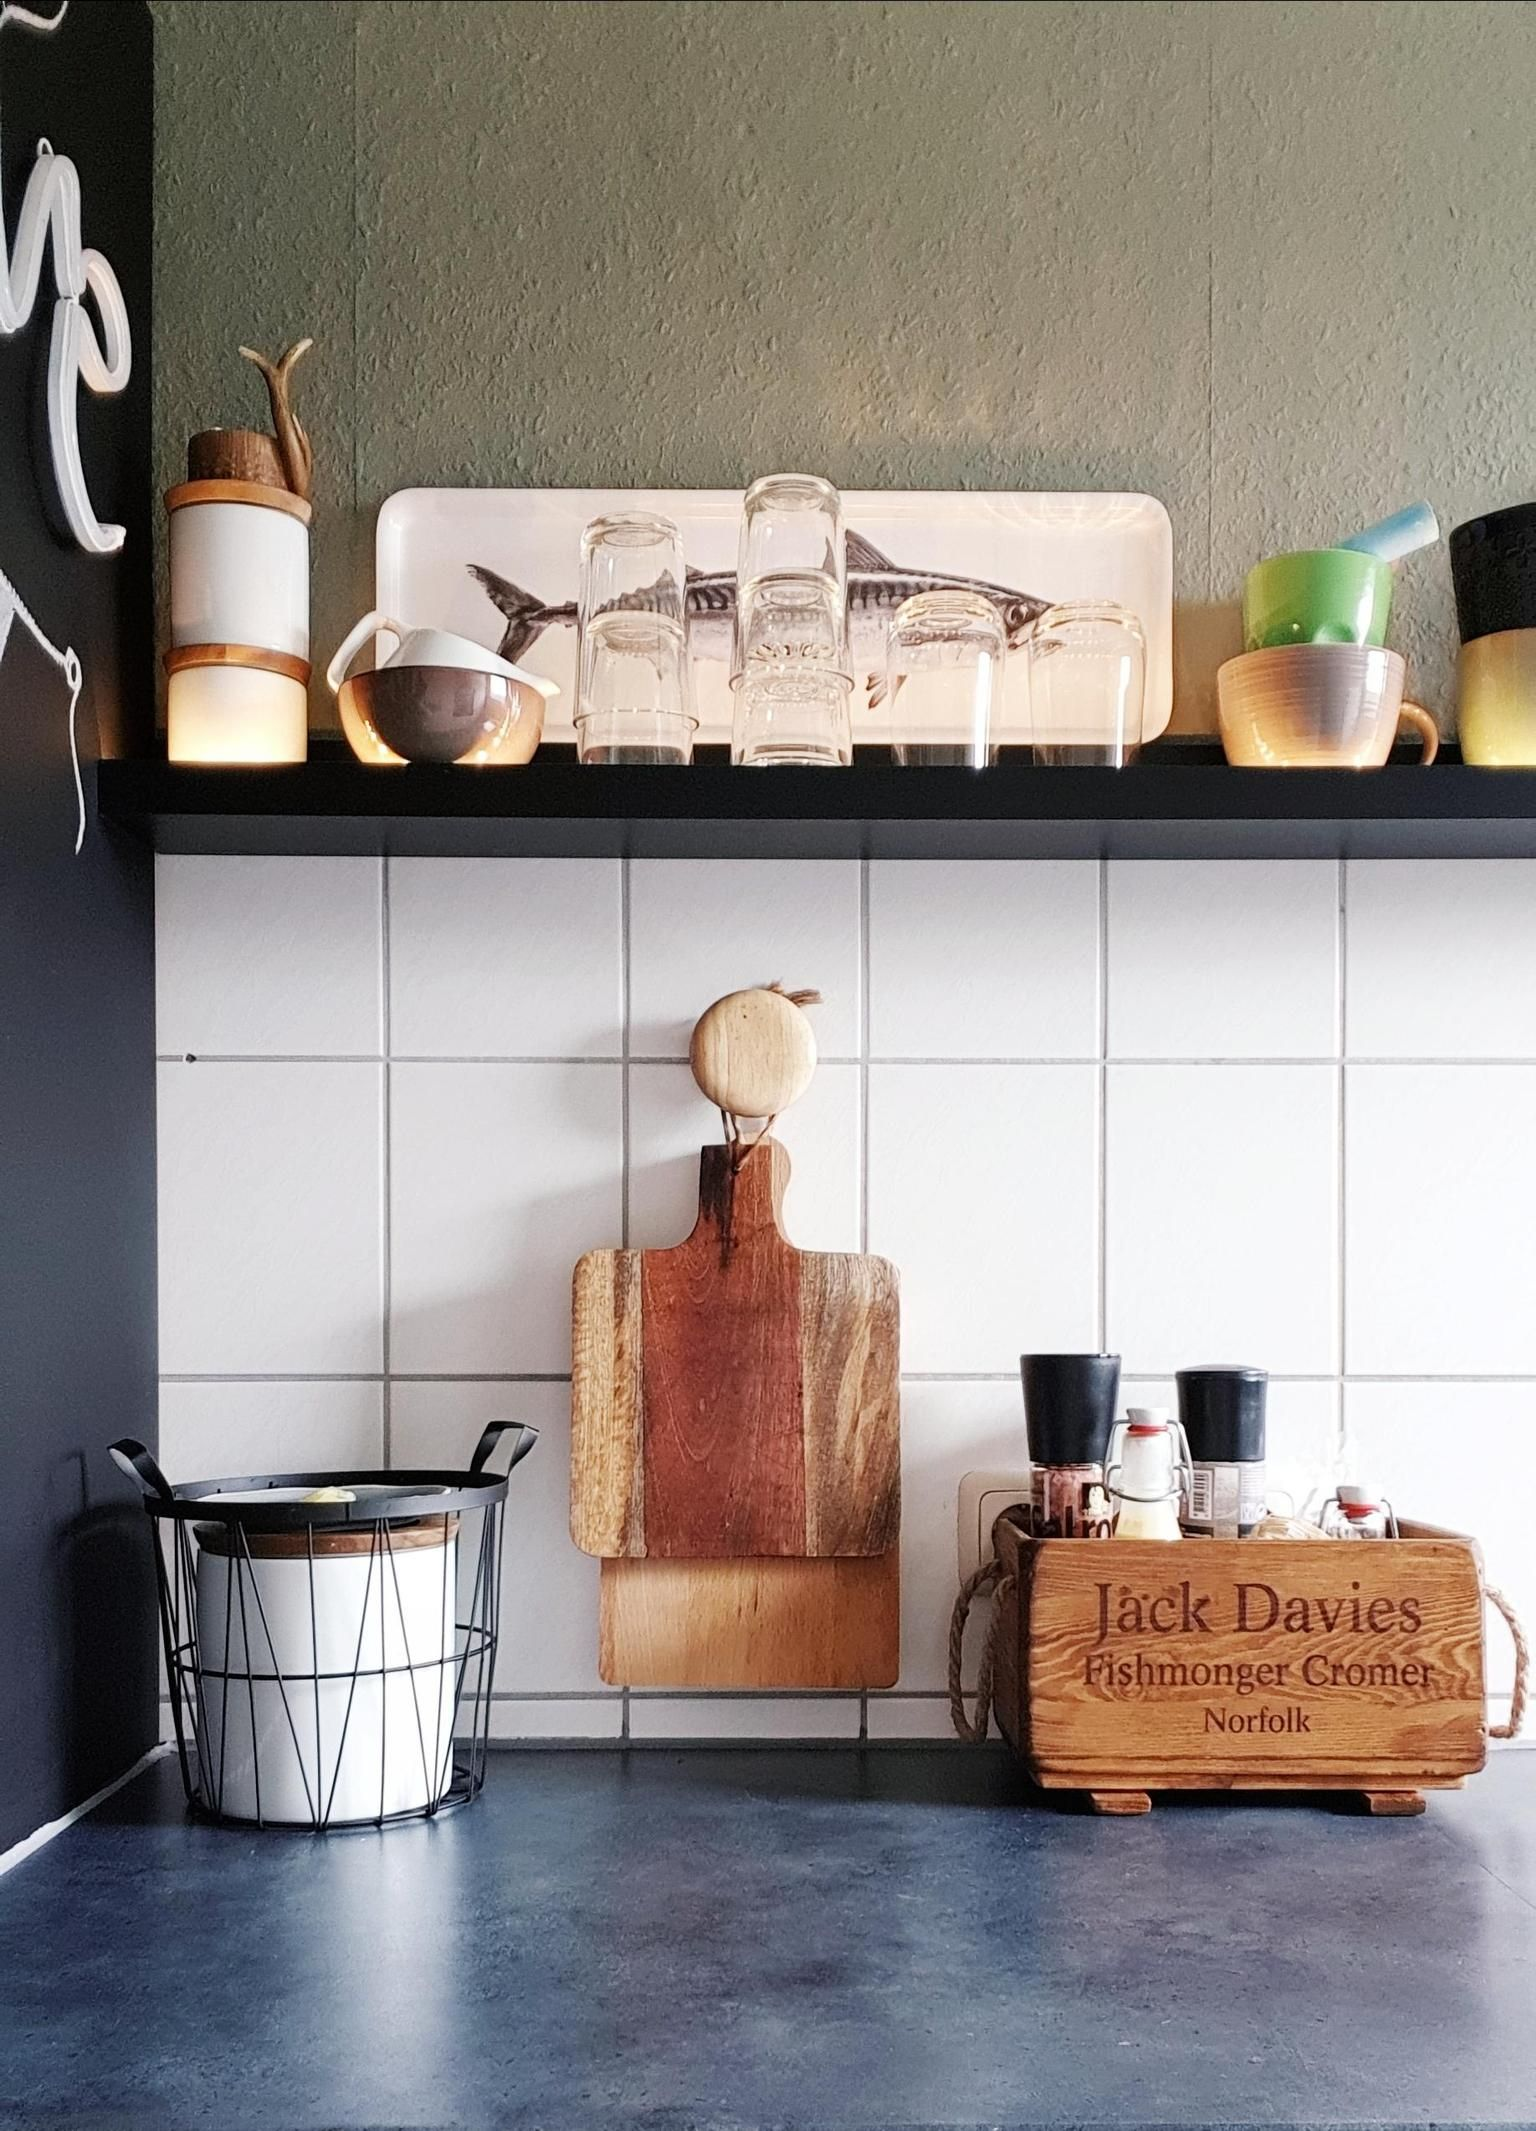 Auch Eine Kleine Kuche Kann Entzucken Das Beweist Unsere Community Immer Wieder Schaut Euch Hier Die Welt Von Solevita An Home Decor Floating Shelves